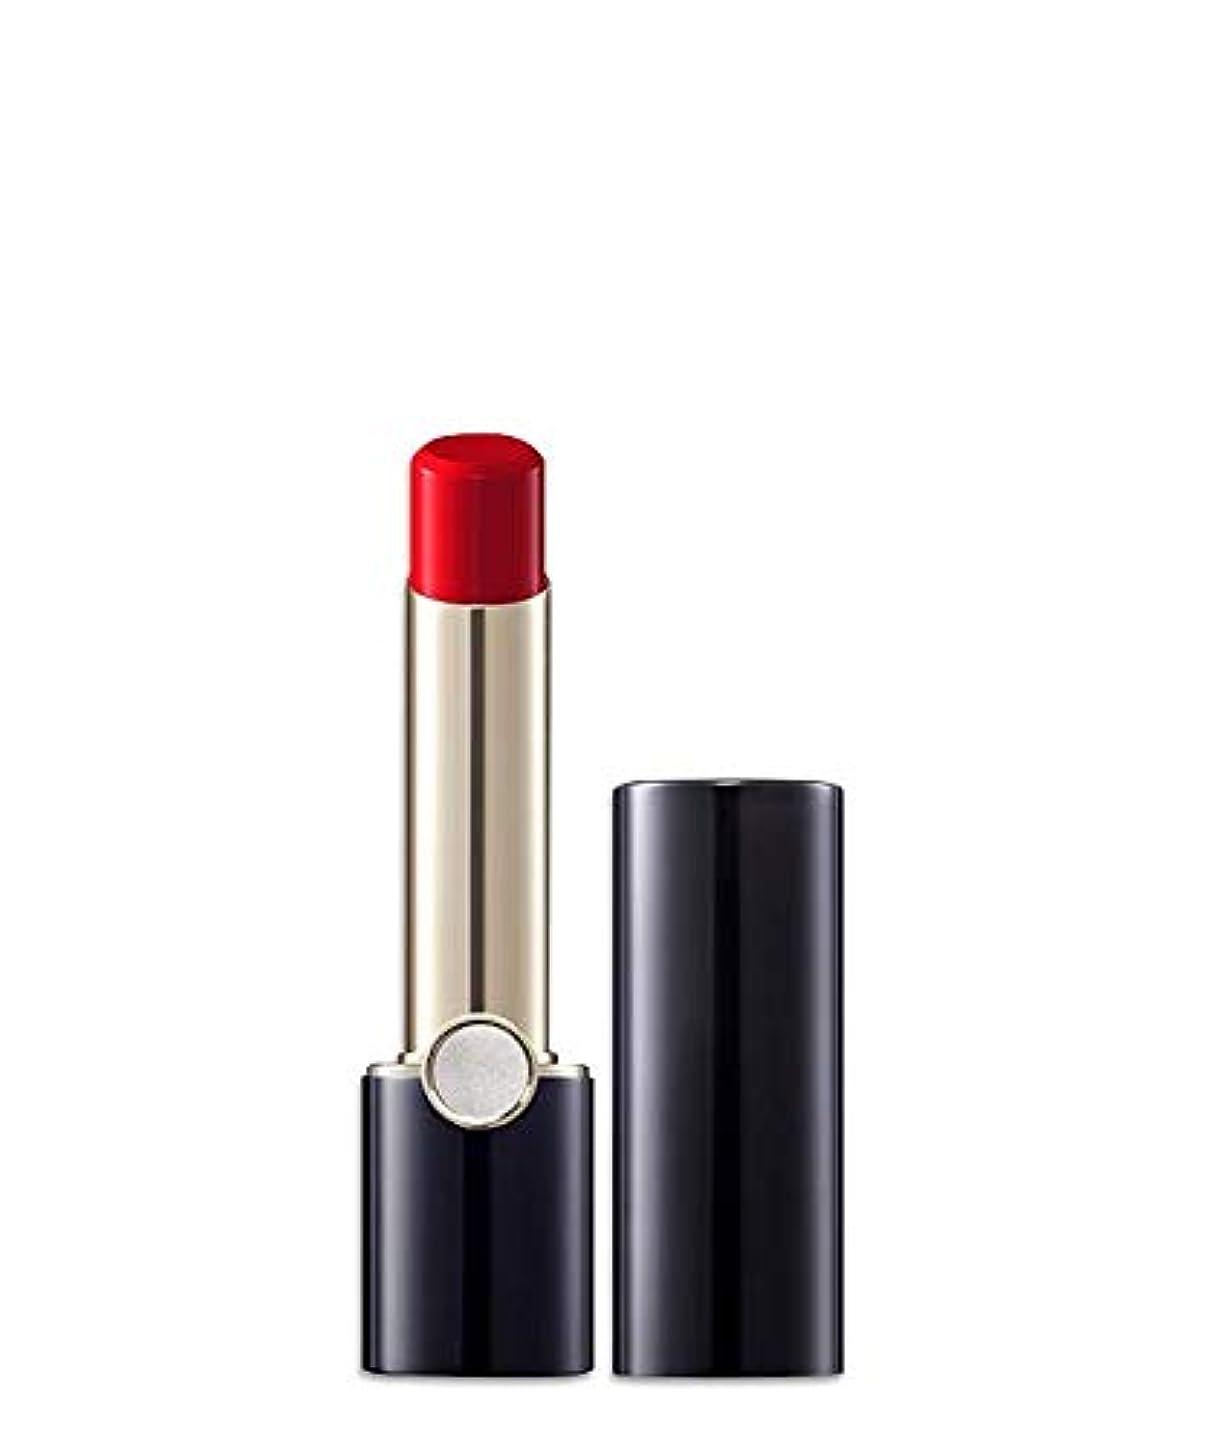 する必要がある反毒チケット[アイオペ、iope]カラーフィットリップスティックグロー(3.2g)/ color fit lipstick glow(new.2019.02) (red pop)